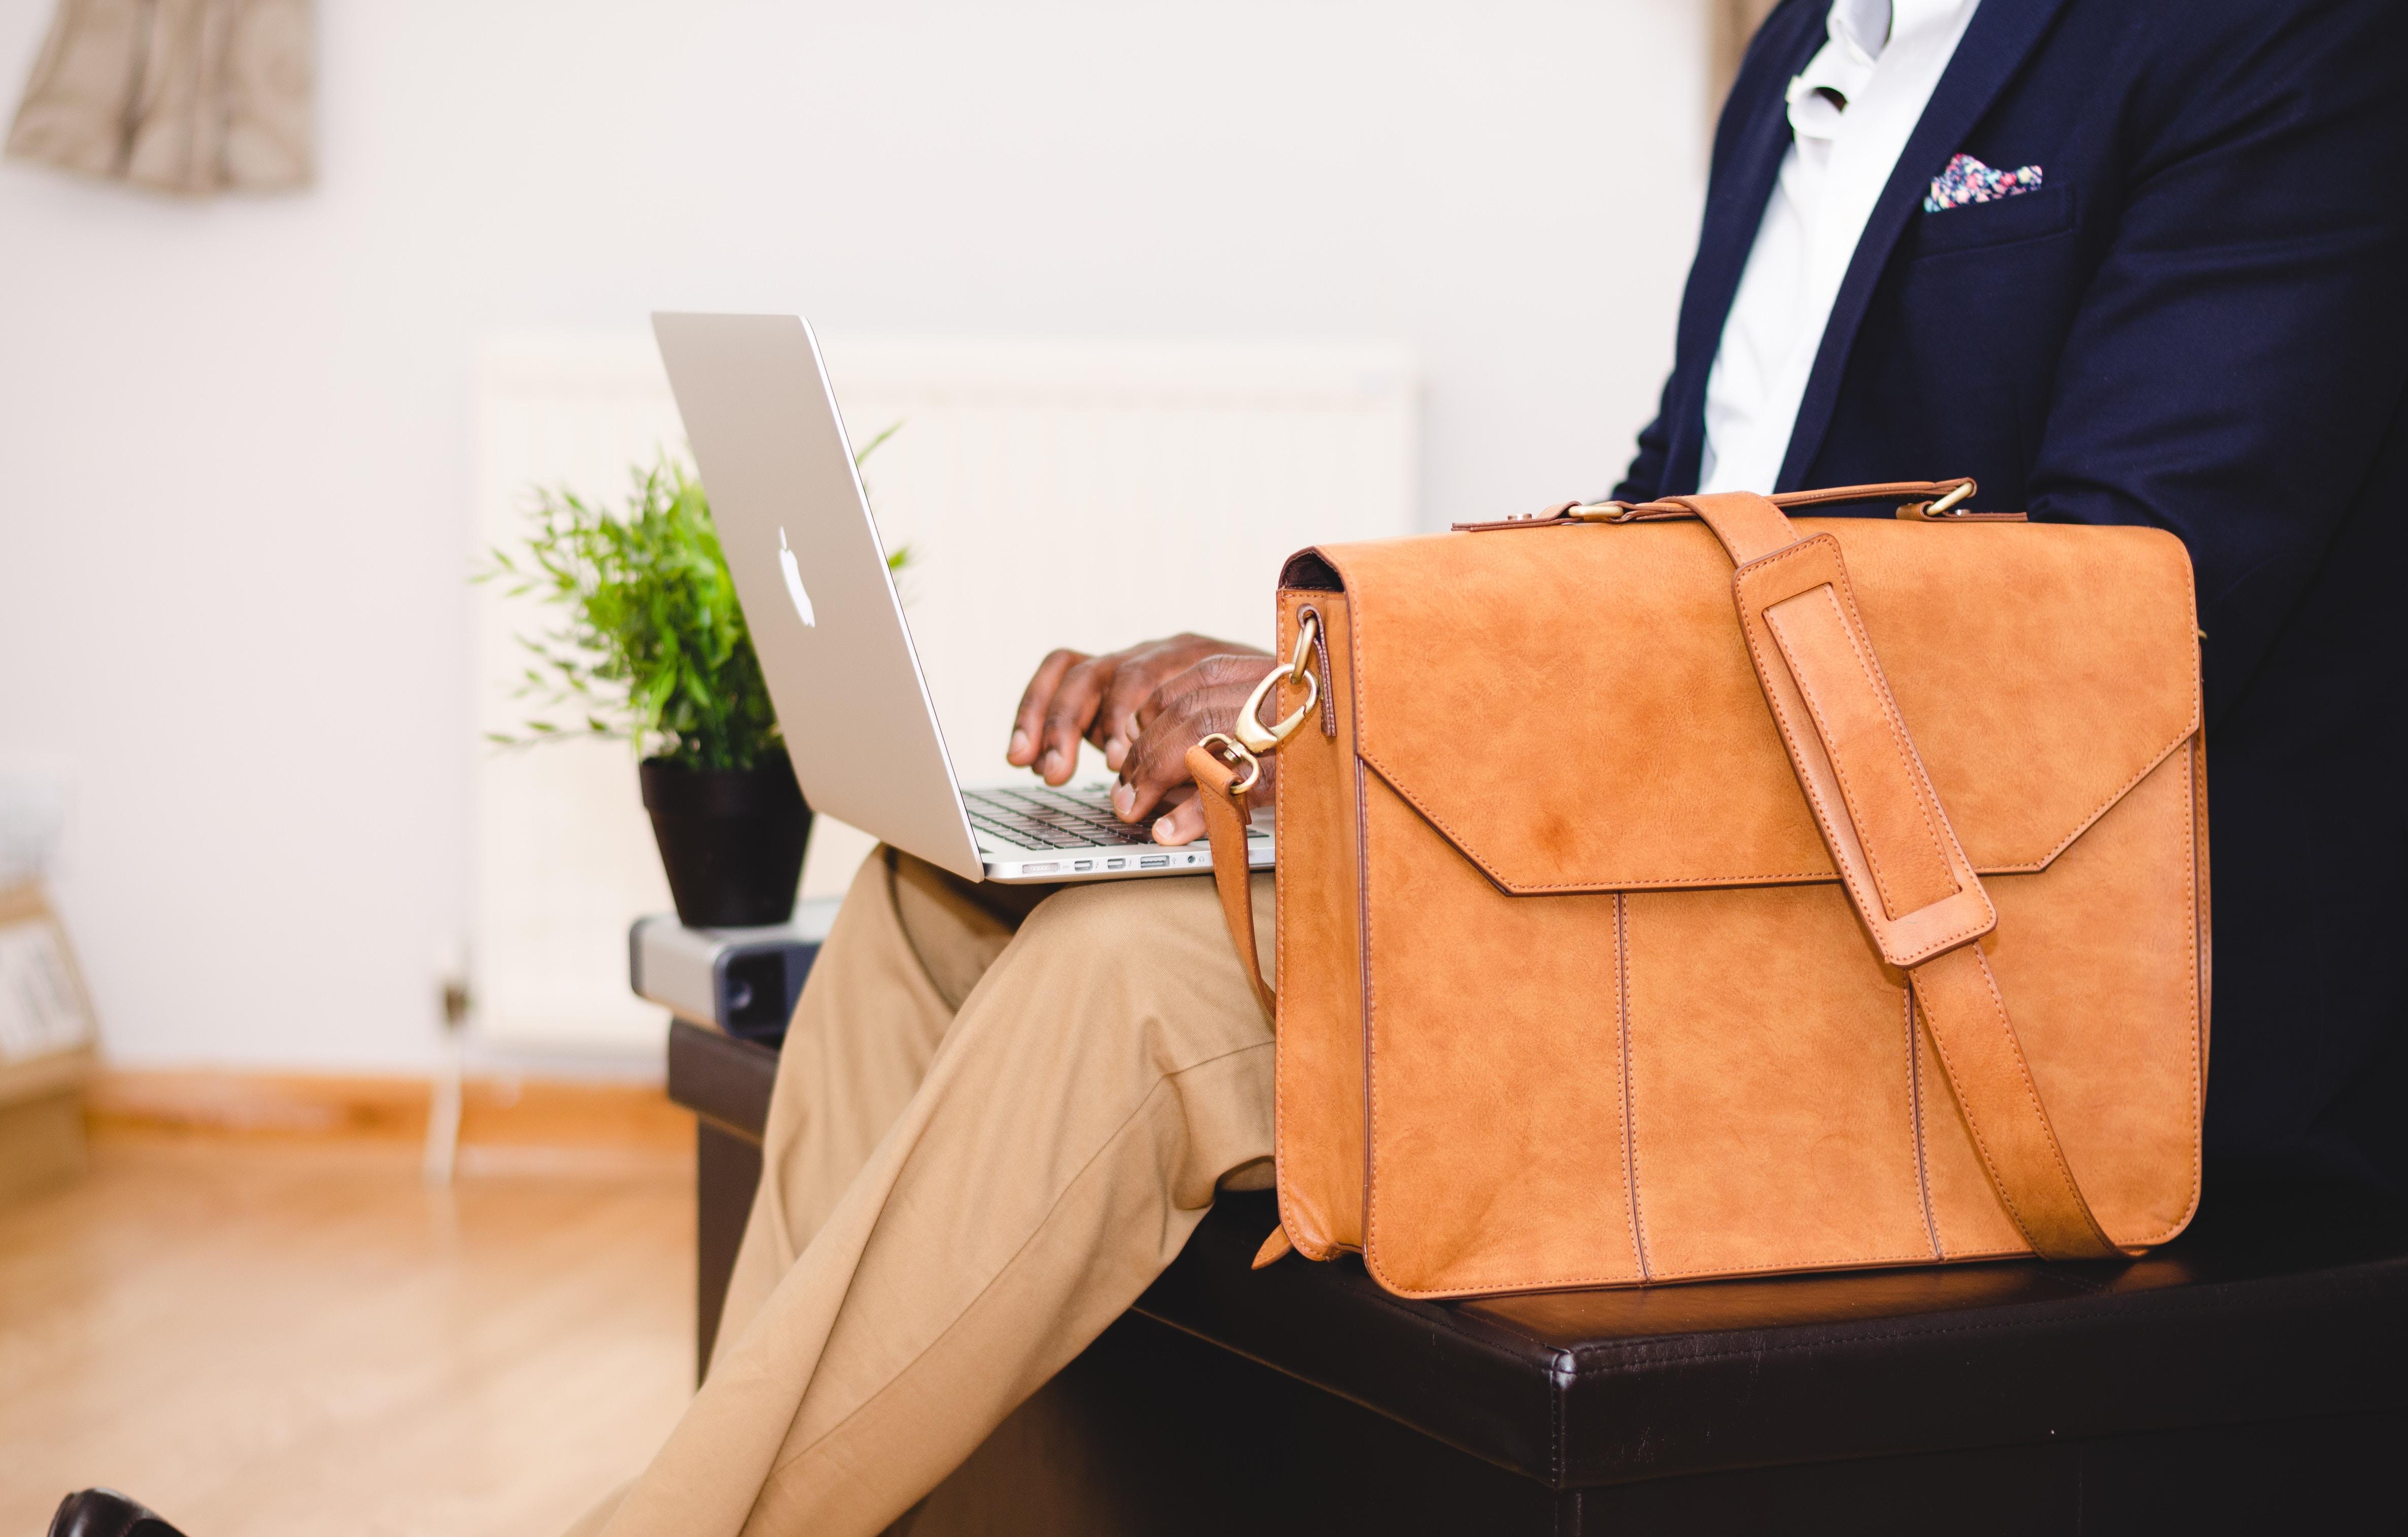 Mfind uruchamia program partnerski - zarabianie na ubezpieczeniach w sieci z dużym potencjałem! - Biuro Prasowe porównywarki OC/AC mfind.pl